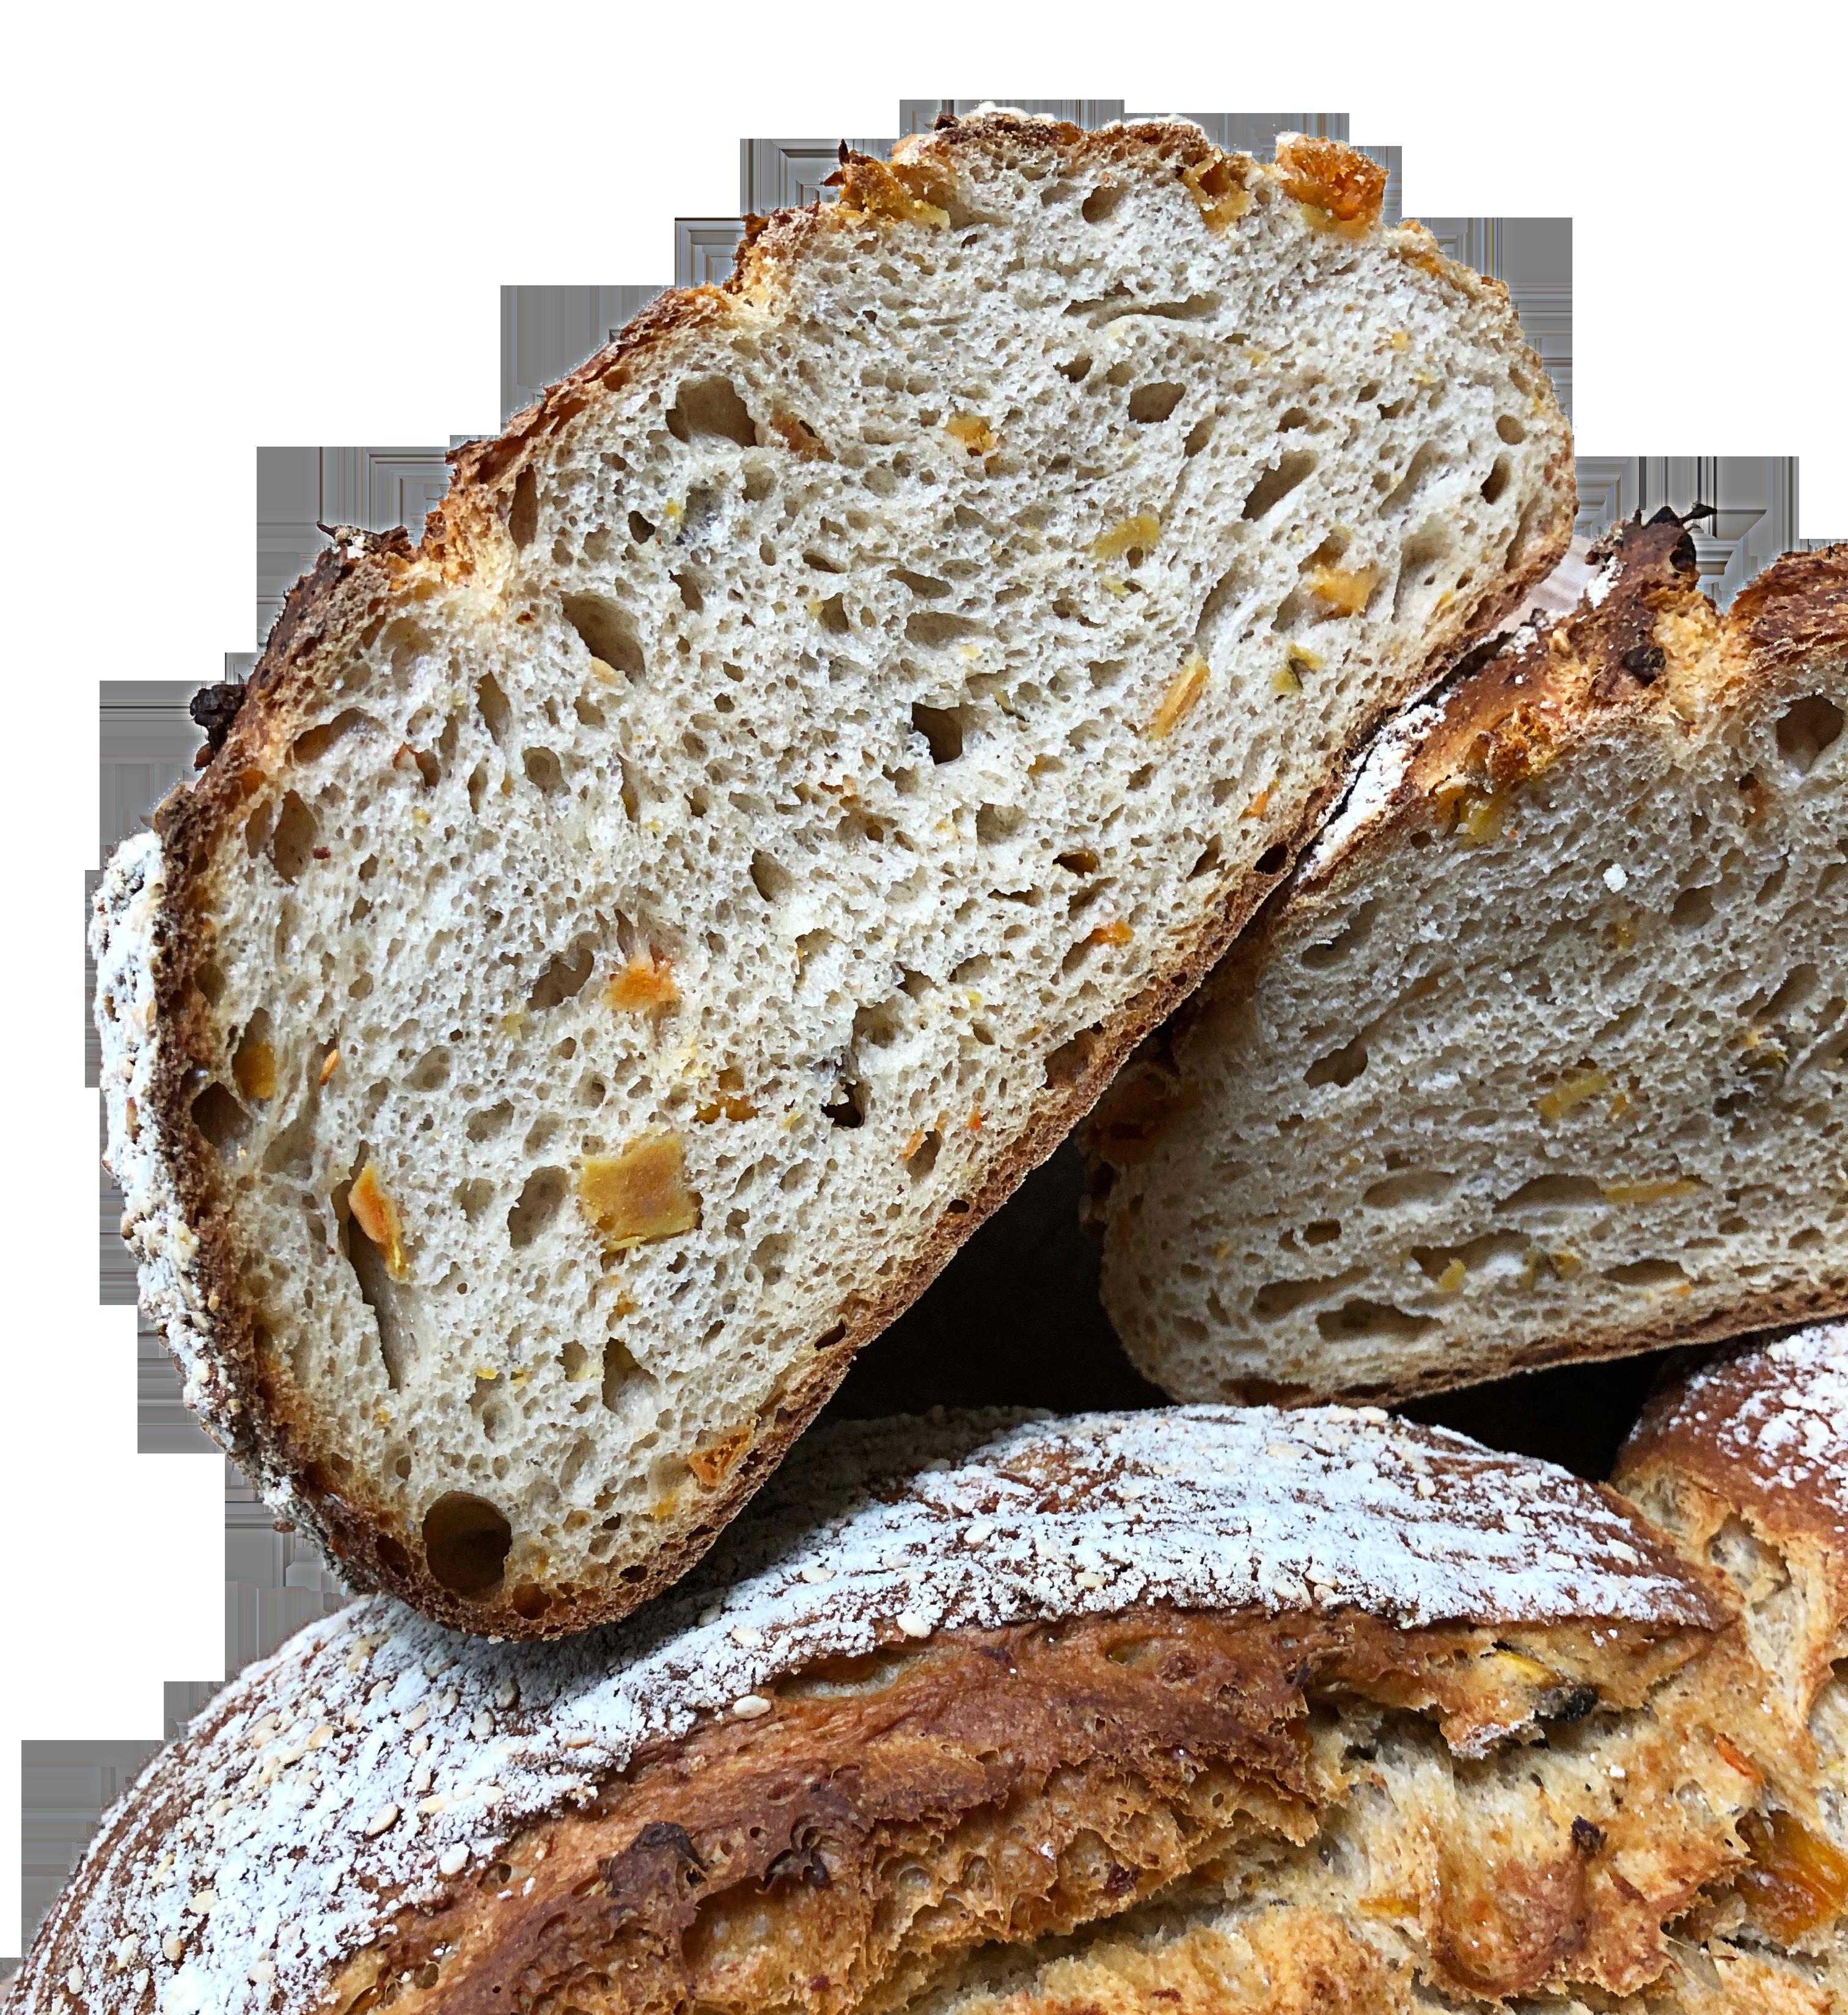 Philipps Süßknolle - Handwerkliches Brot mit Süßkartoffeln